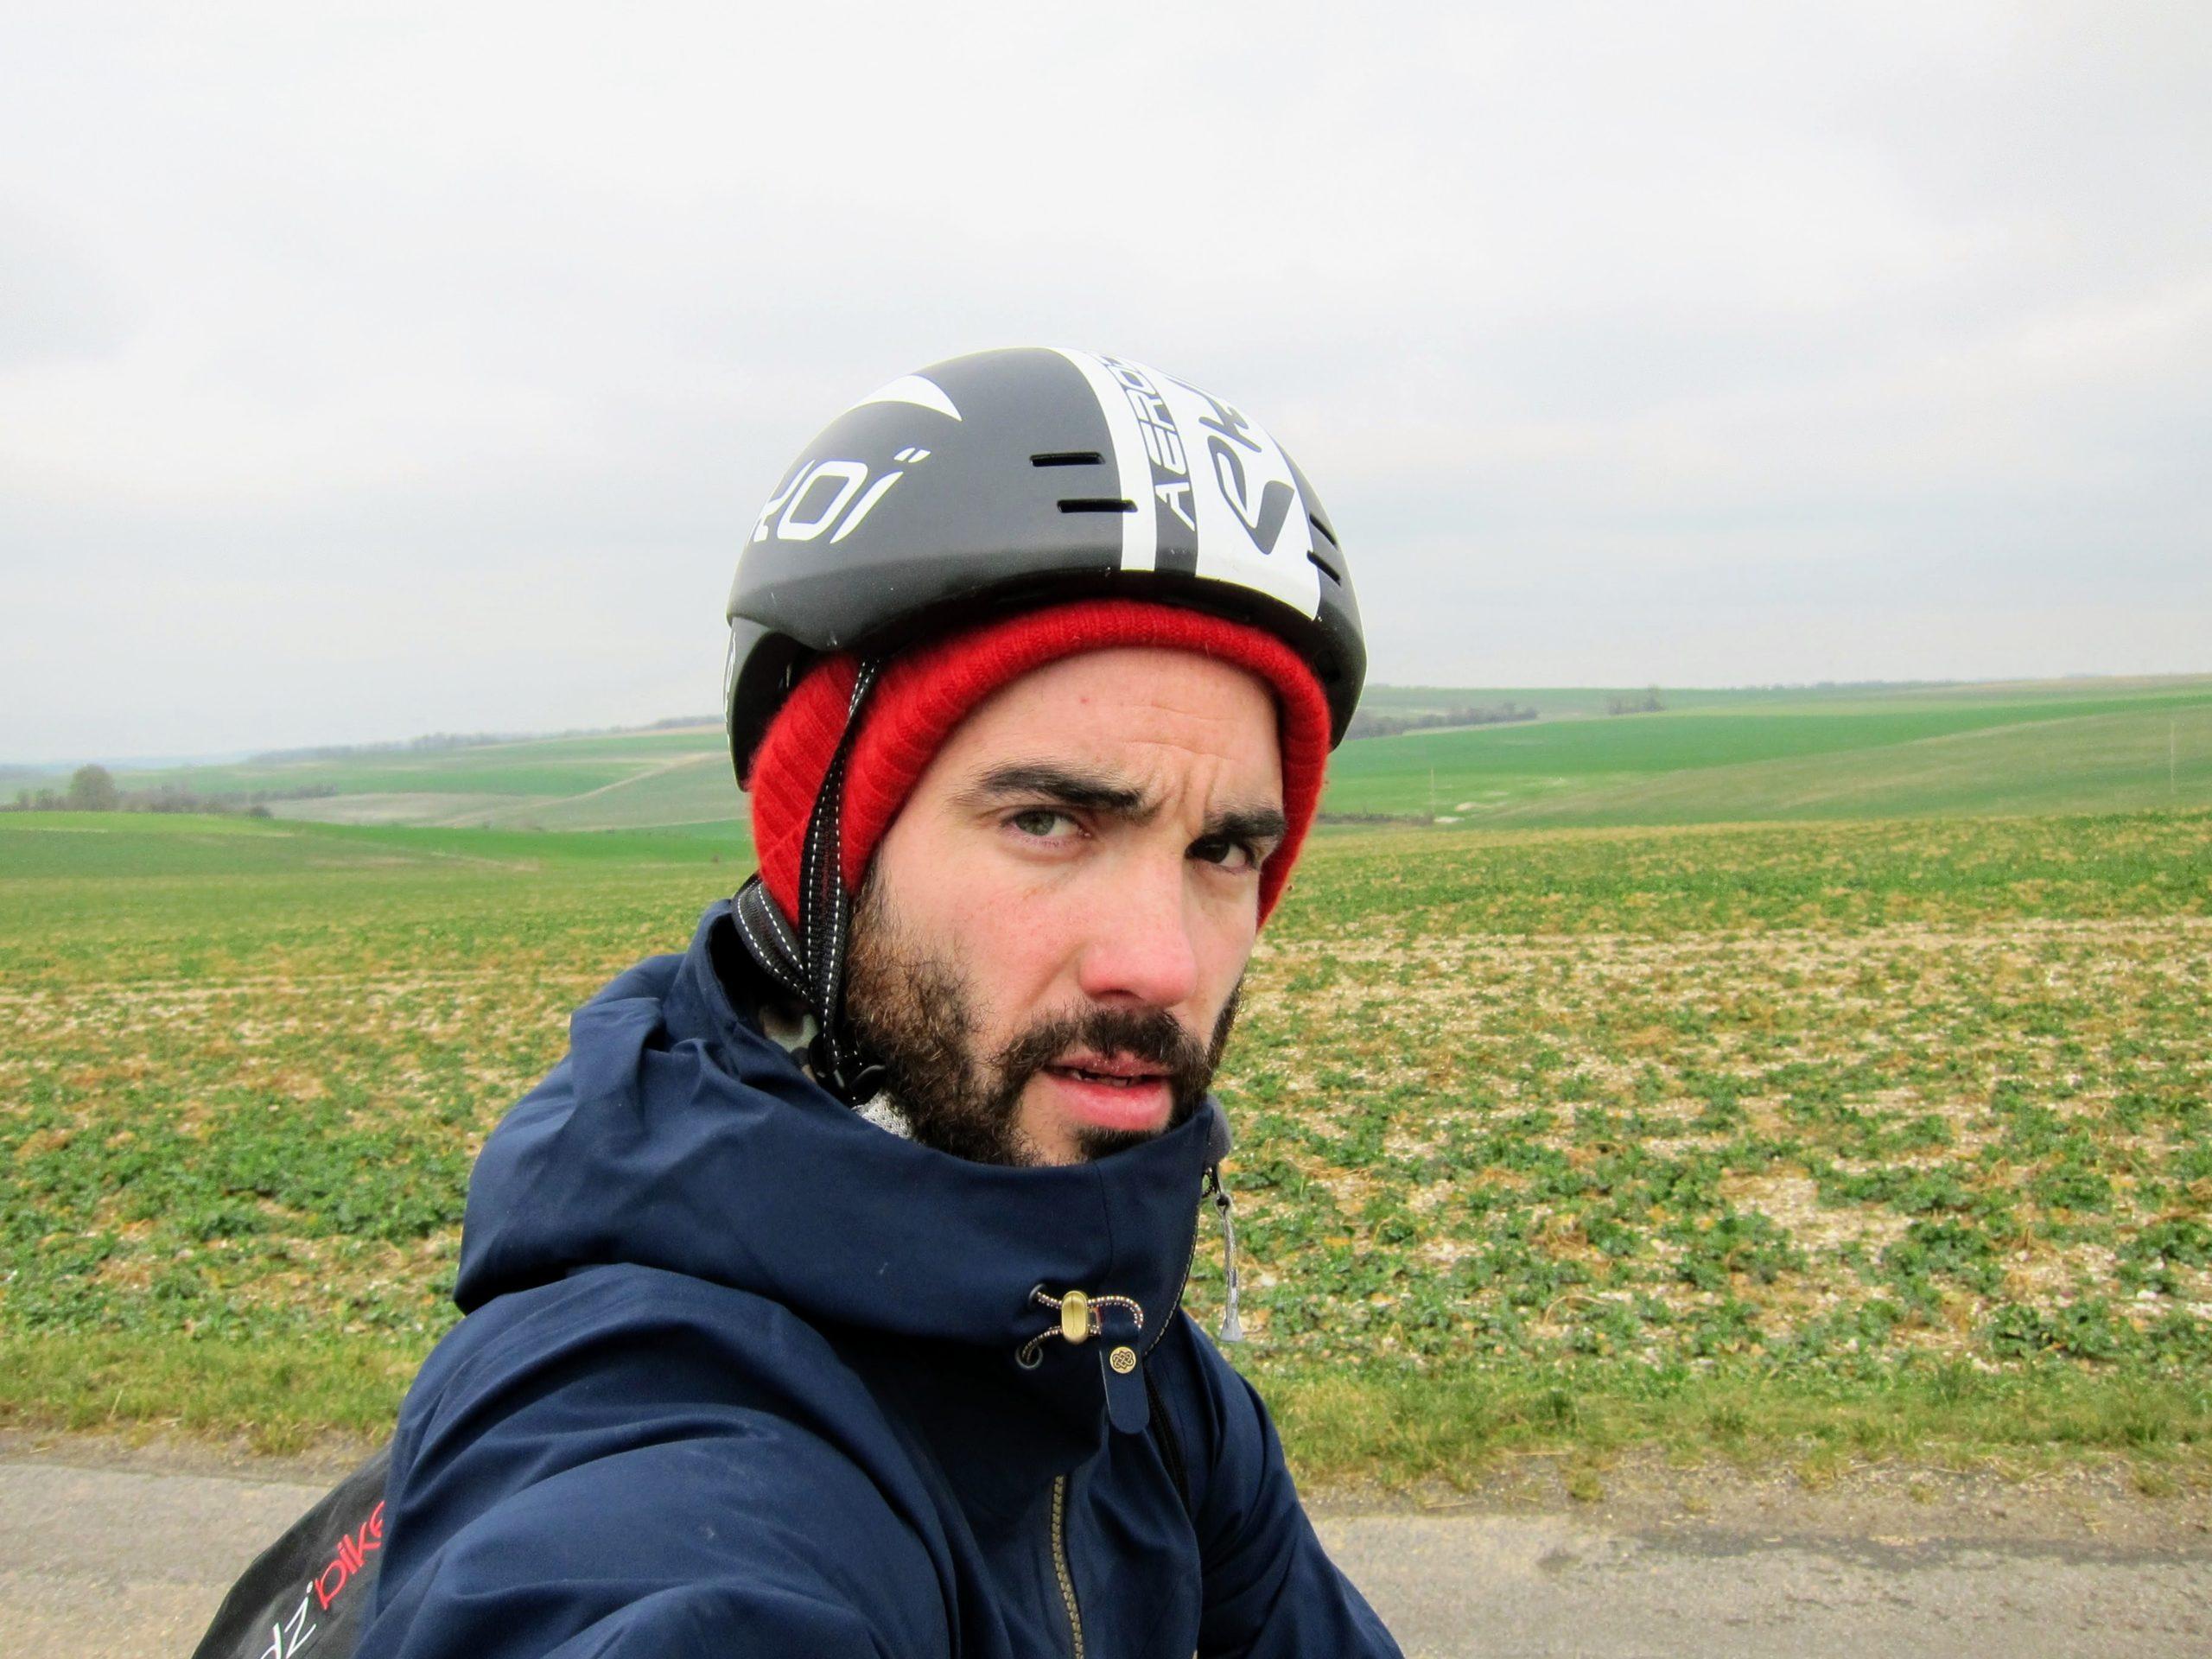 vélo vent défavorable